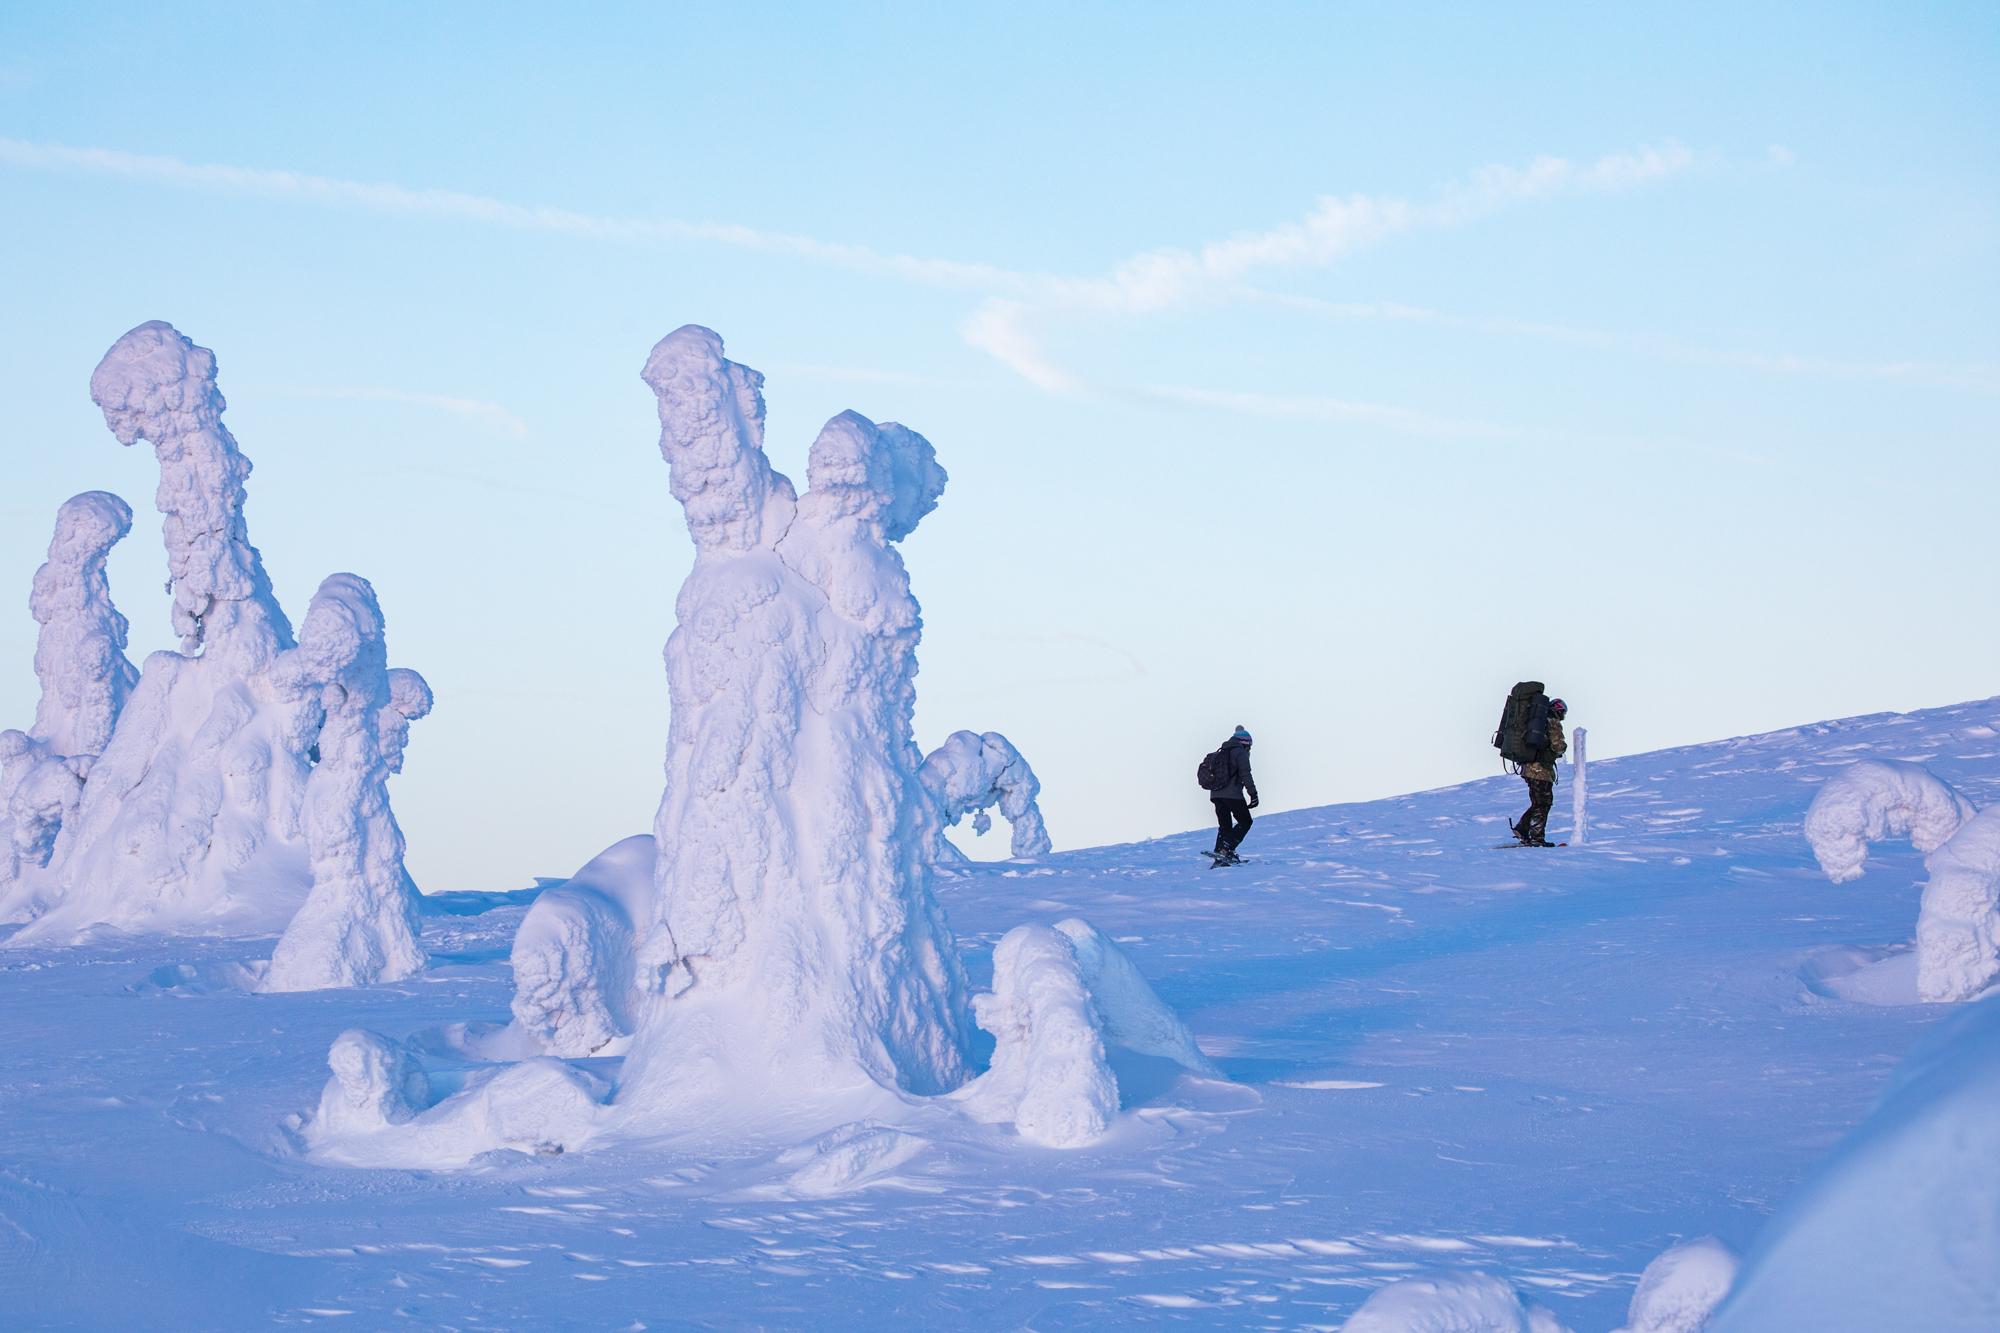 snowy_landscape.jpg